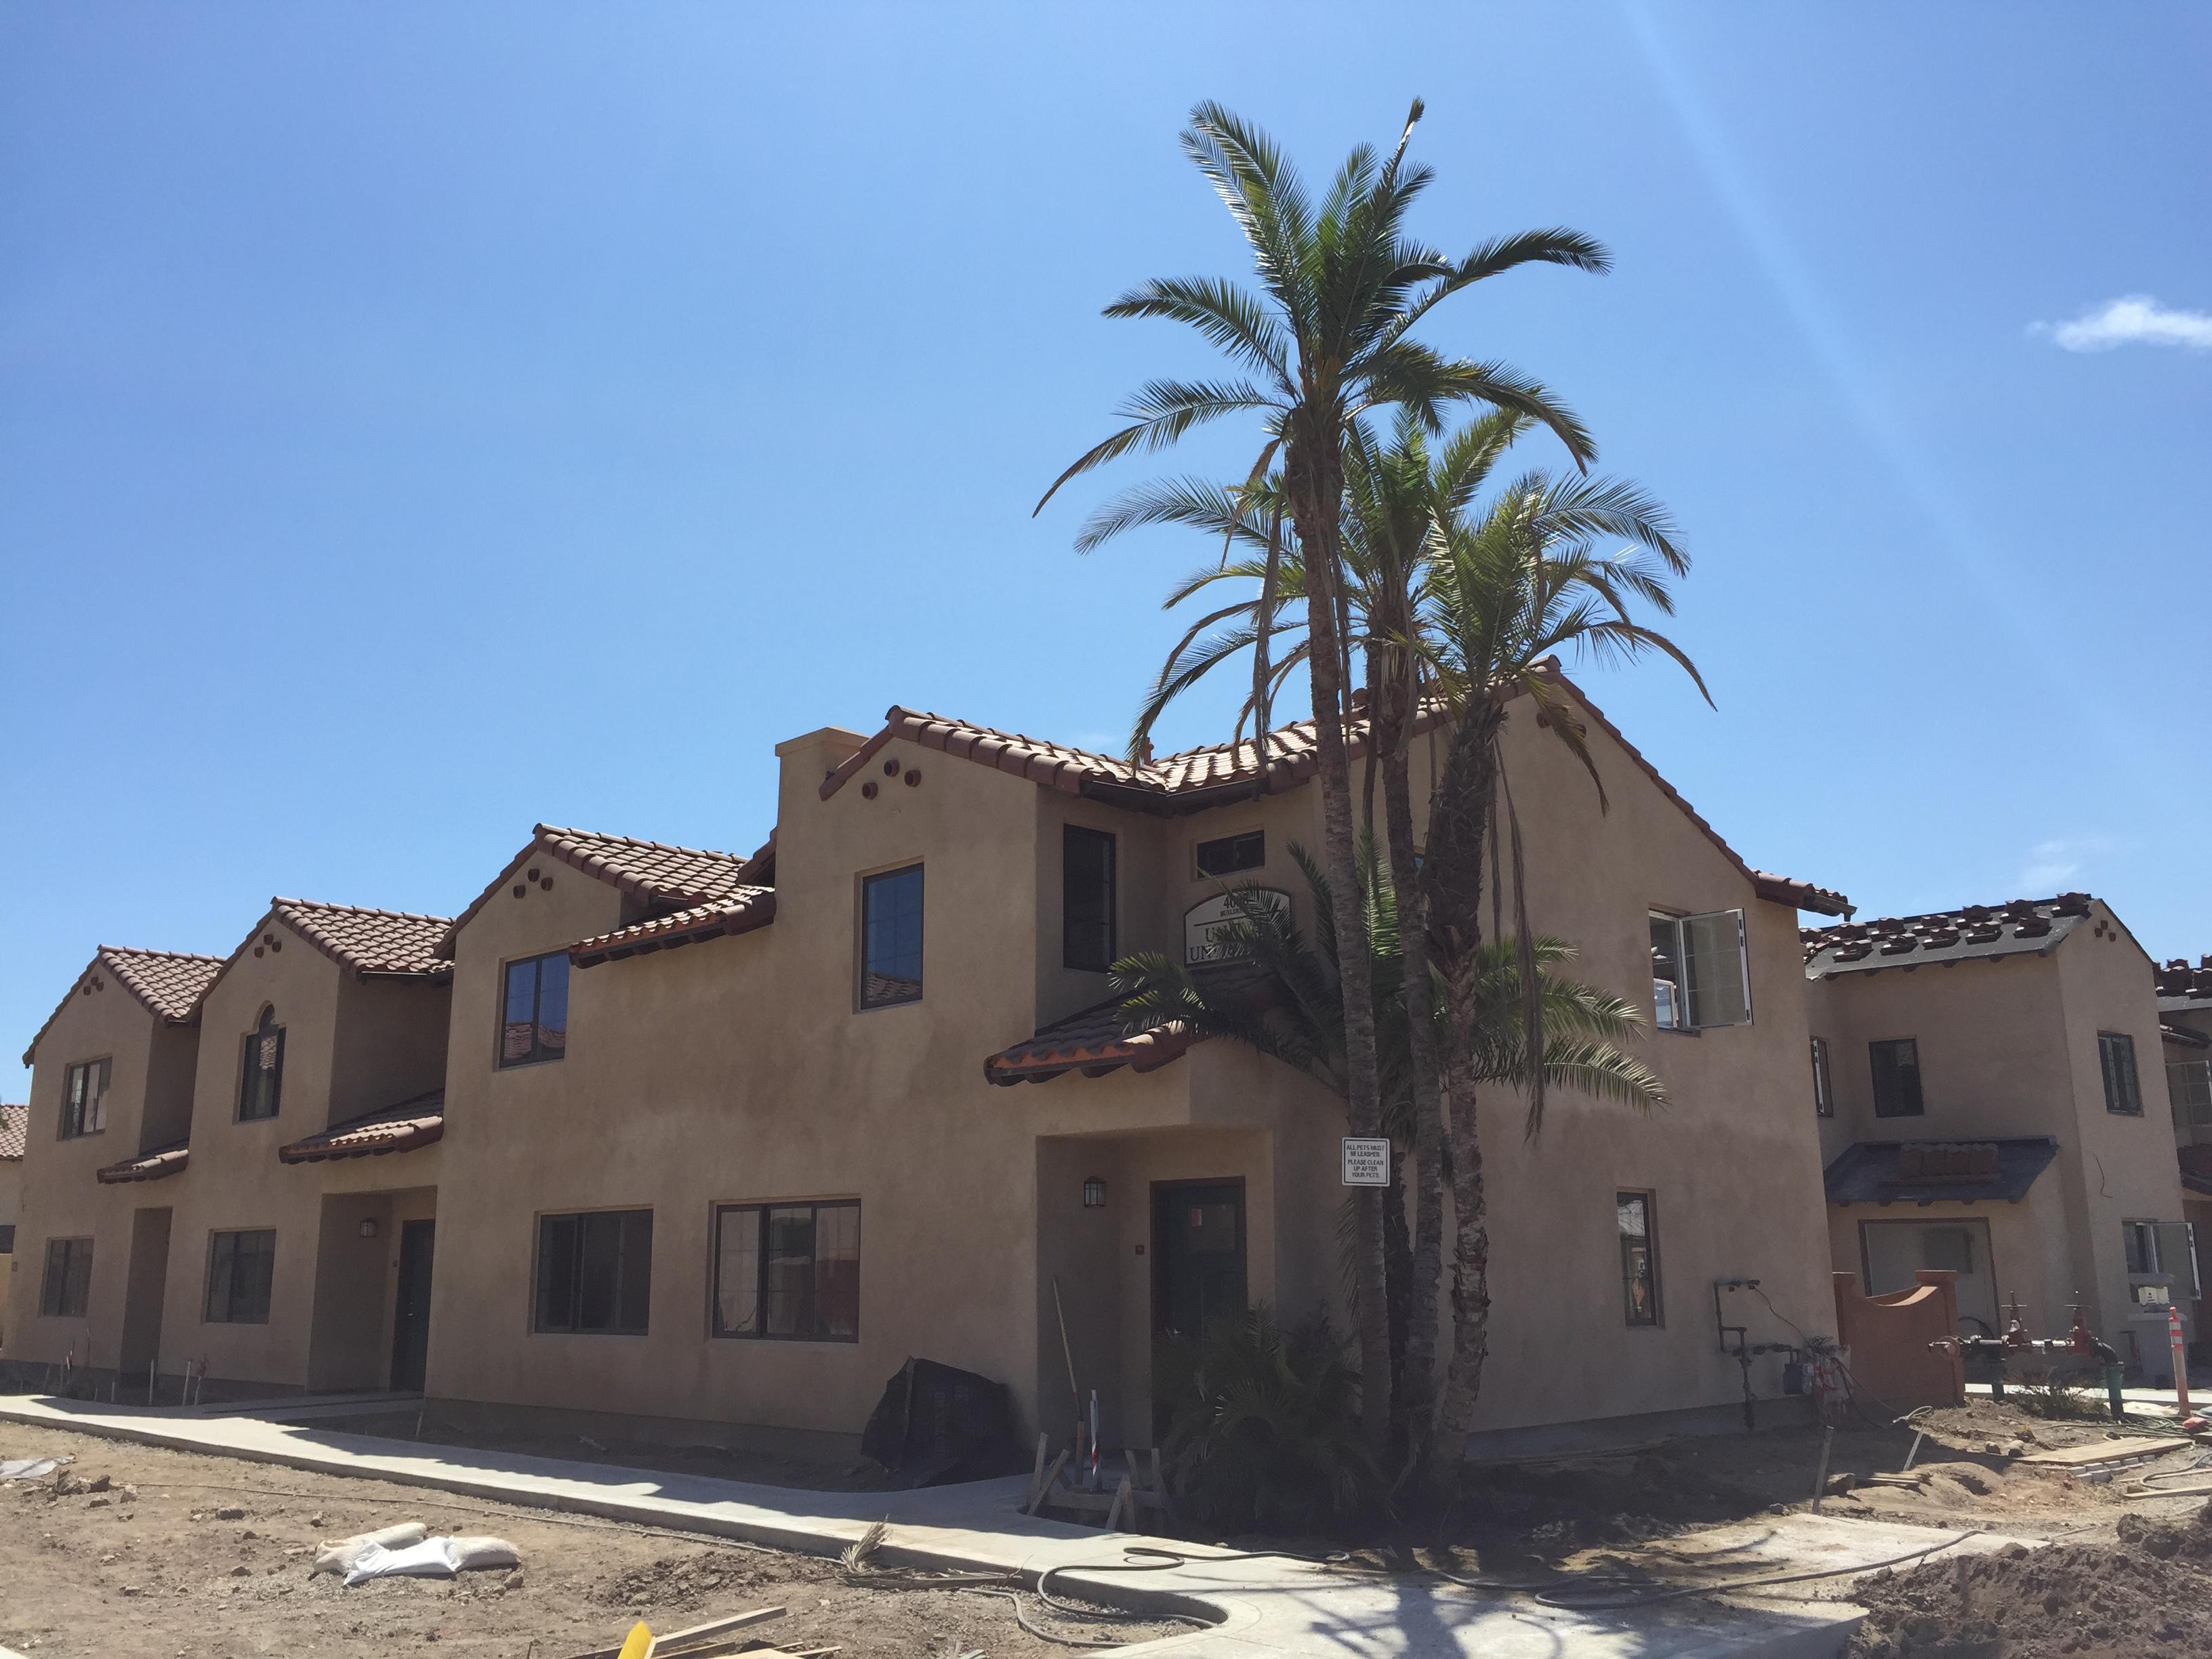 Decades old carpinteria palms replanted at affordable - Carpinteria casas ...